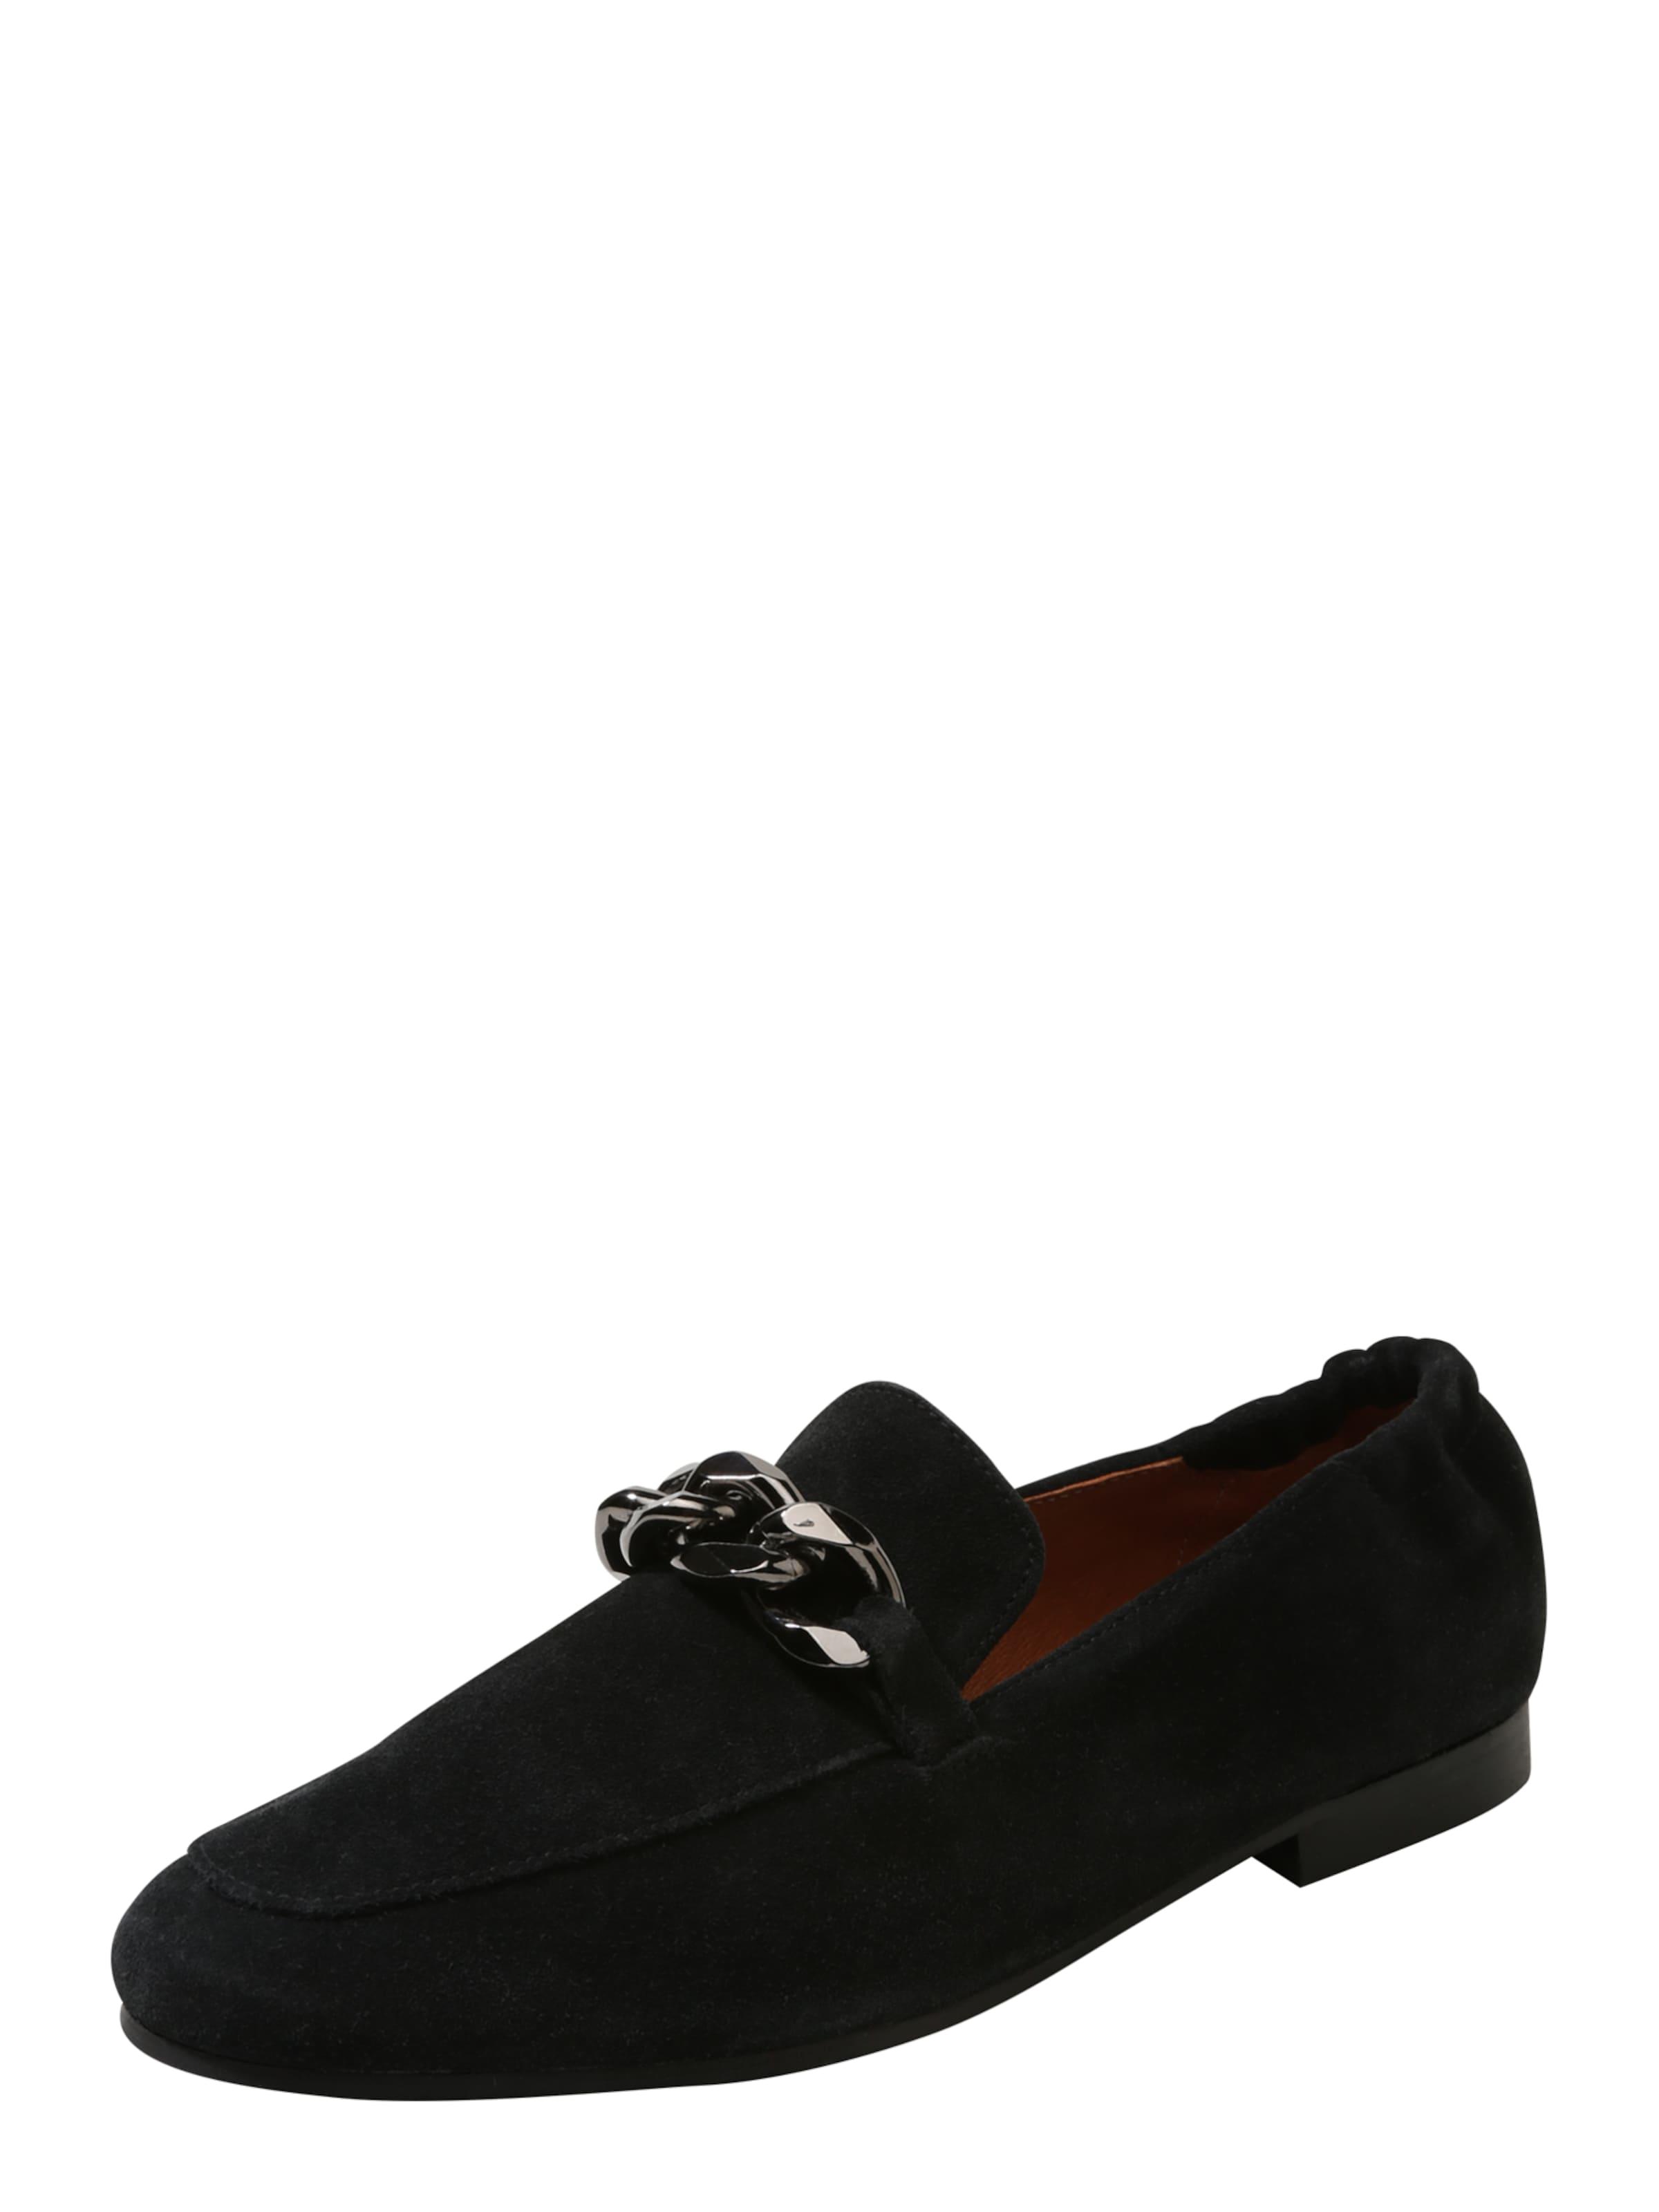 Haltbare Mode billige Schuhe getragene Slipper 'Zeynep' Schuhe Gut getragene Schuhe Schuhe 2fd771